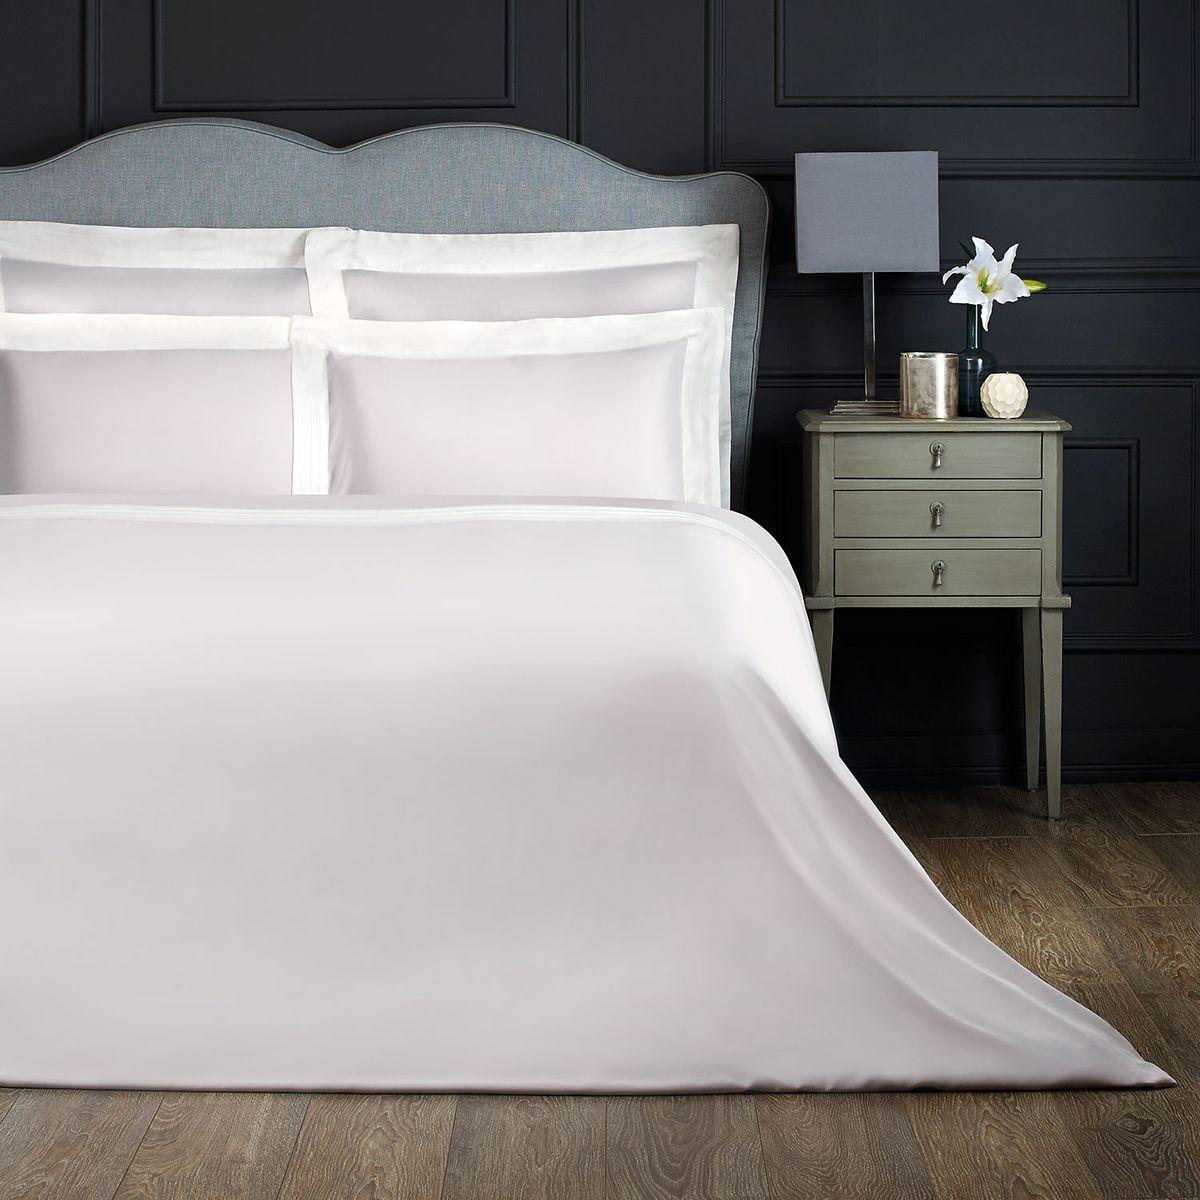 Комплект белья Togas Эдем, 2-спальный, наволочки 50х70, цвет: серый, белый30.07.30.0014Комплект постельного белья Togas Эдем, выполненный из 100% бамбукового волокна, состоит из пододеяльника, простыни и двух наволочек. Изделия имеют классический крой. Бамбуковое волокно - регенерированное целлюлозное волокно, изготовленное из стебля бамбука.Комплект постельного белья Togas Эдем гармонично впишется в интерьер вашей спальни и создаст атмосферу уюта и комфорта.ом.